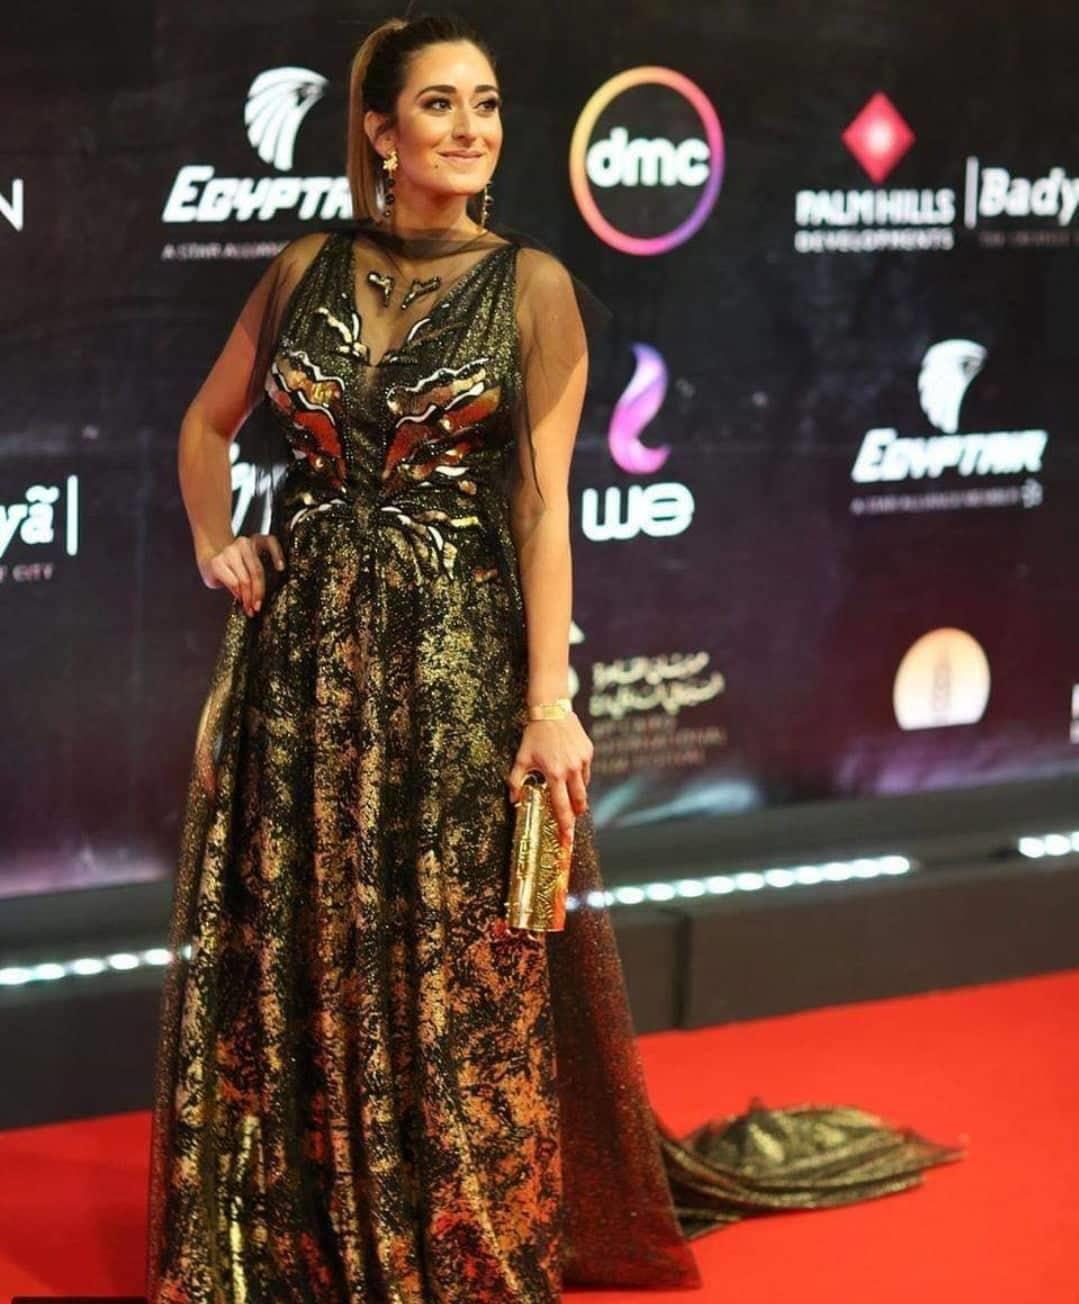 """ظهور ملفت لـ""""امينة خليل"""" في مهرجان القاهرة الدولي -صور"""